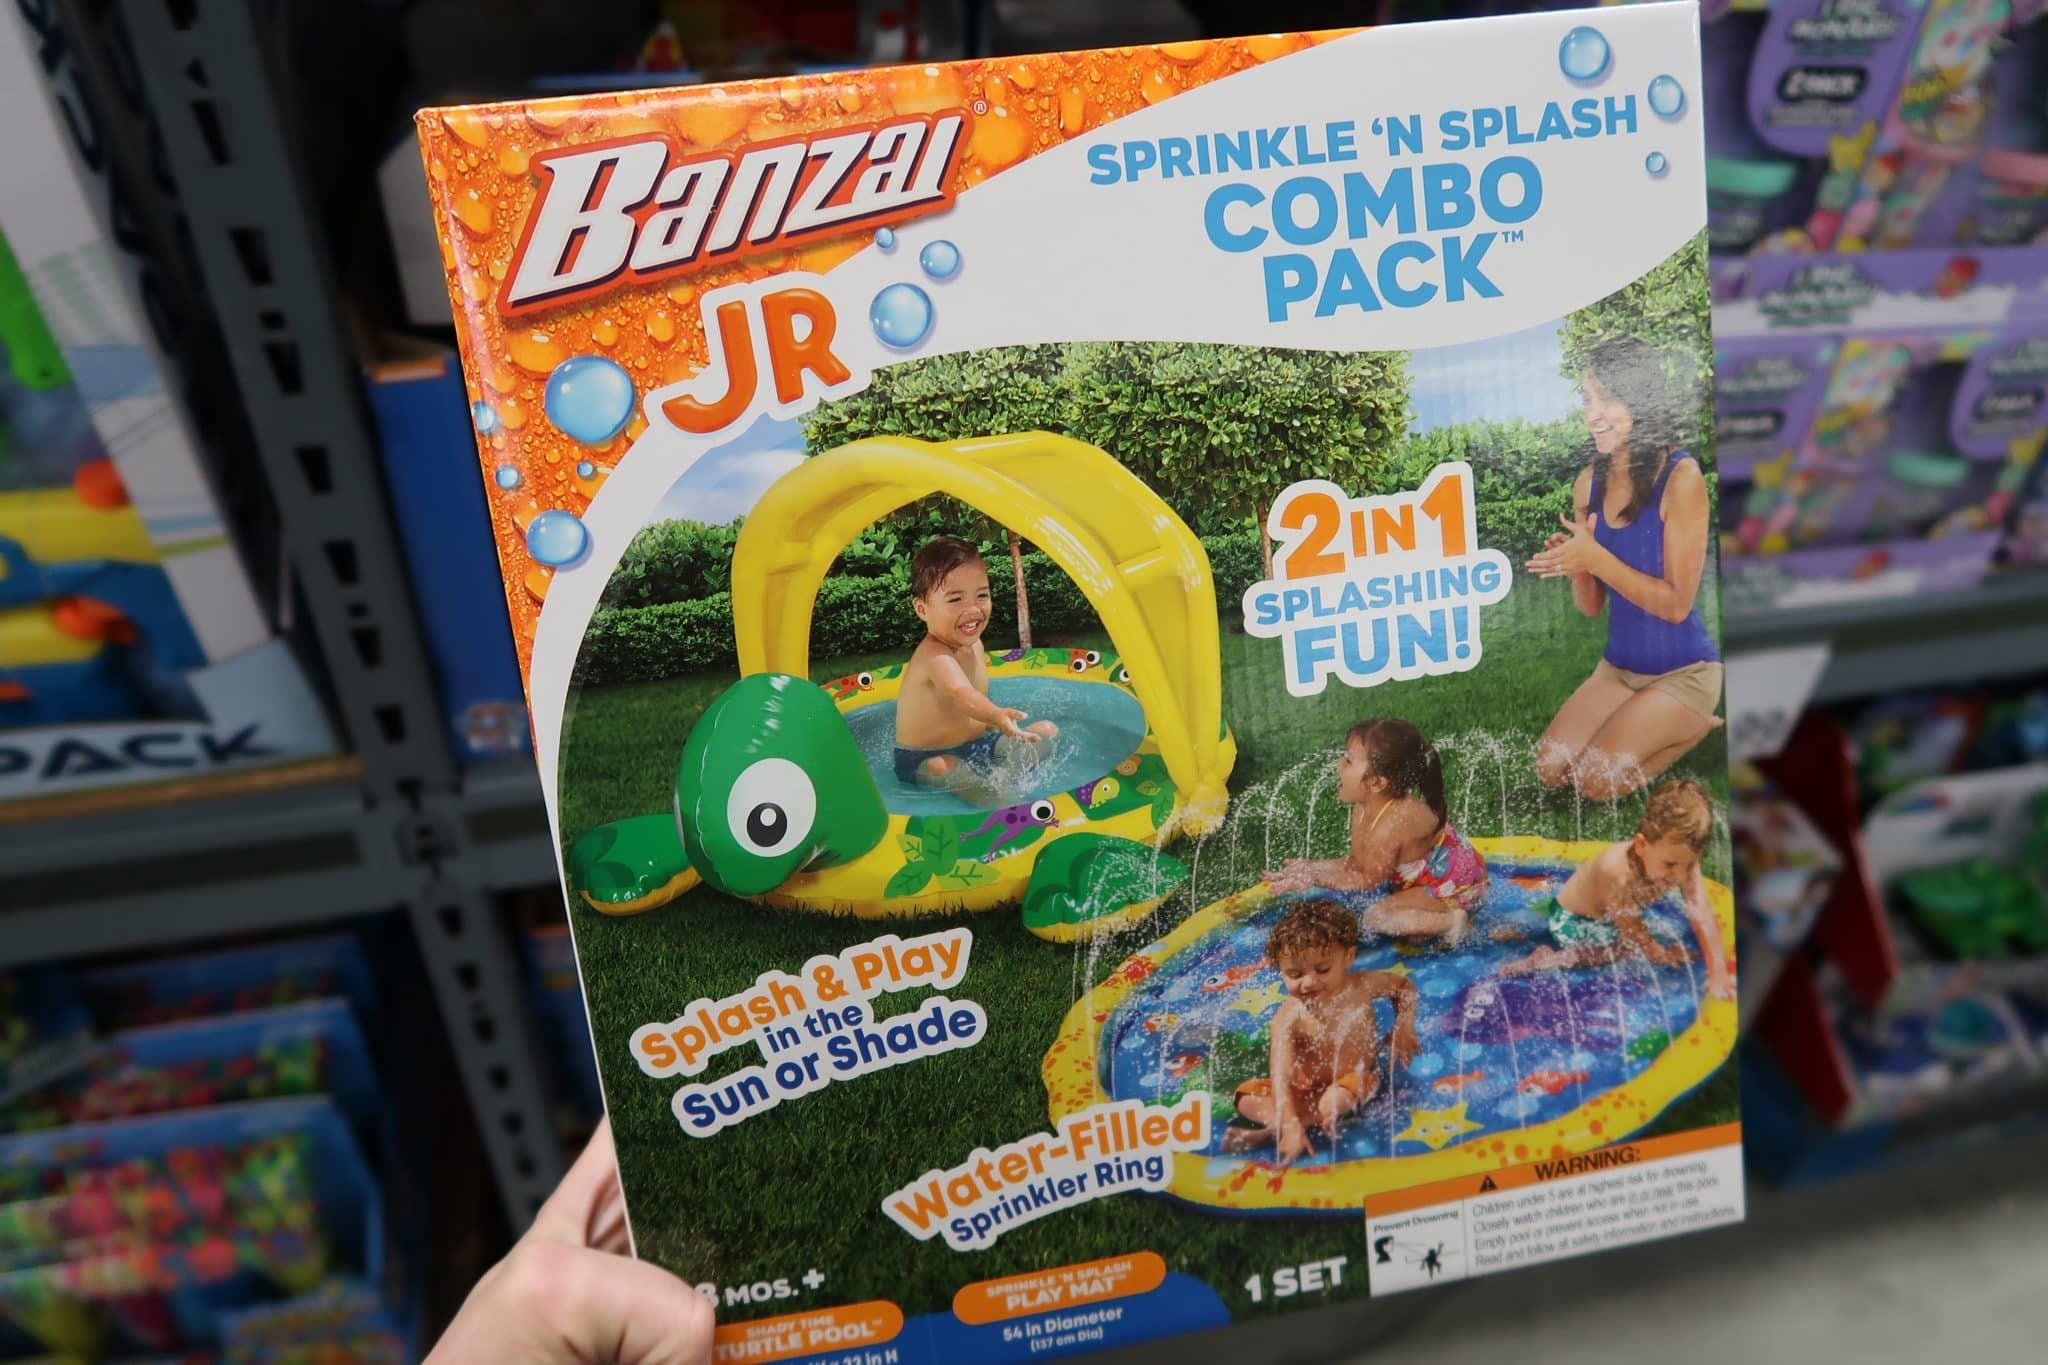 Banzai Jr. Sprinkle N' Splash Combo Pack $19.99